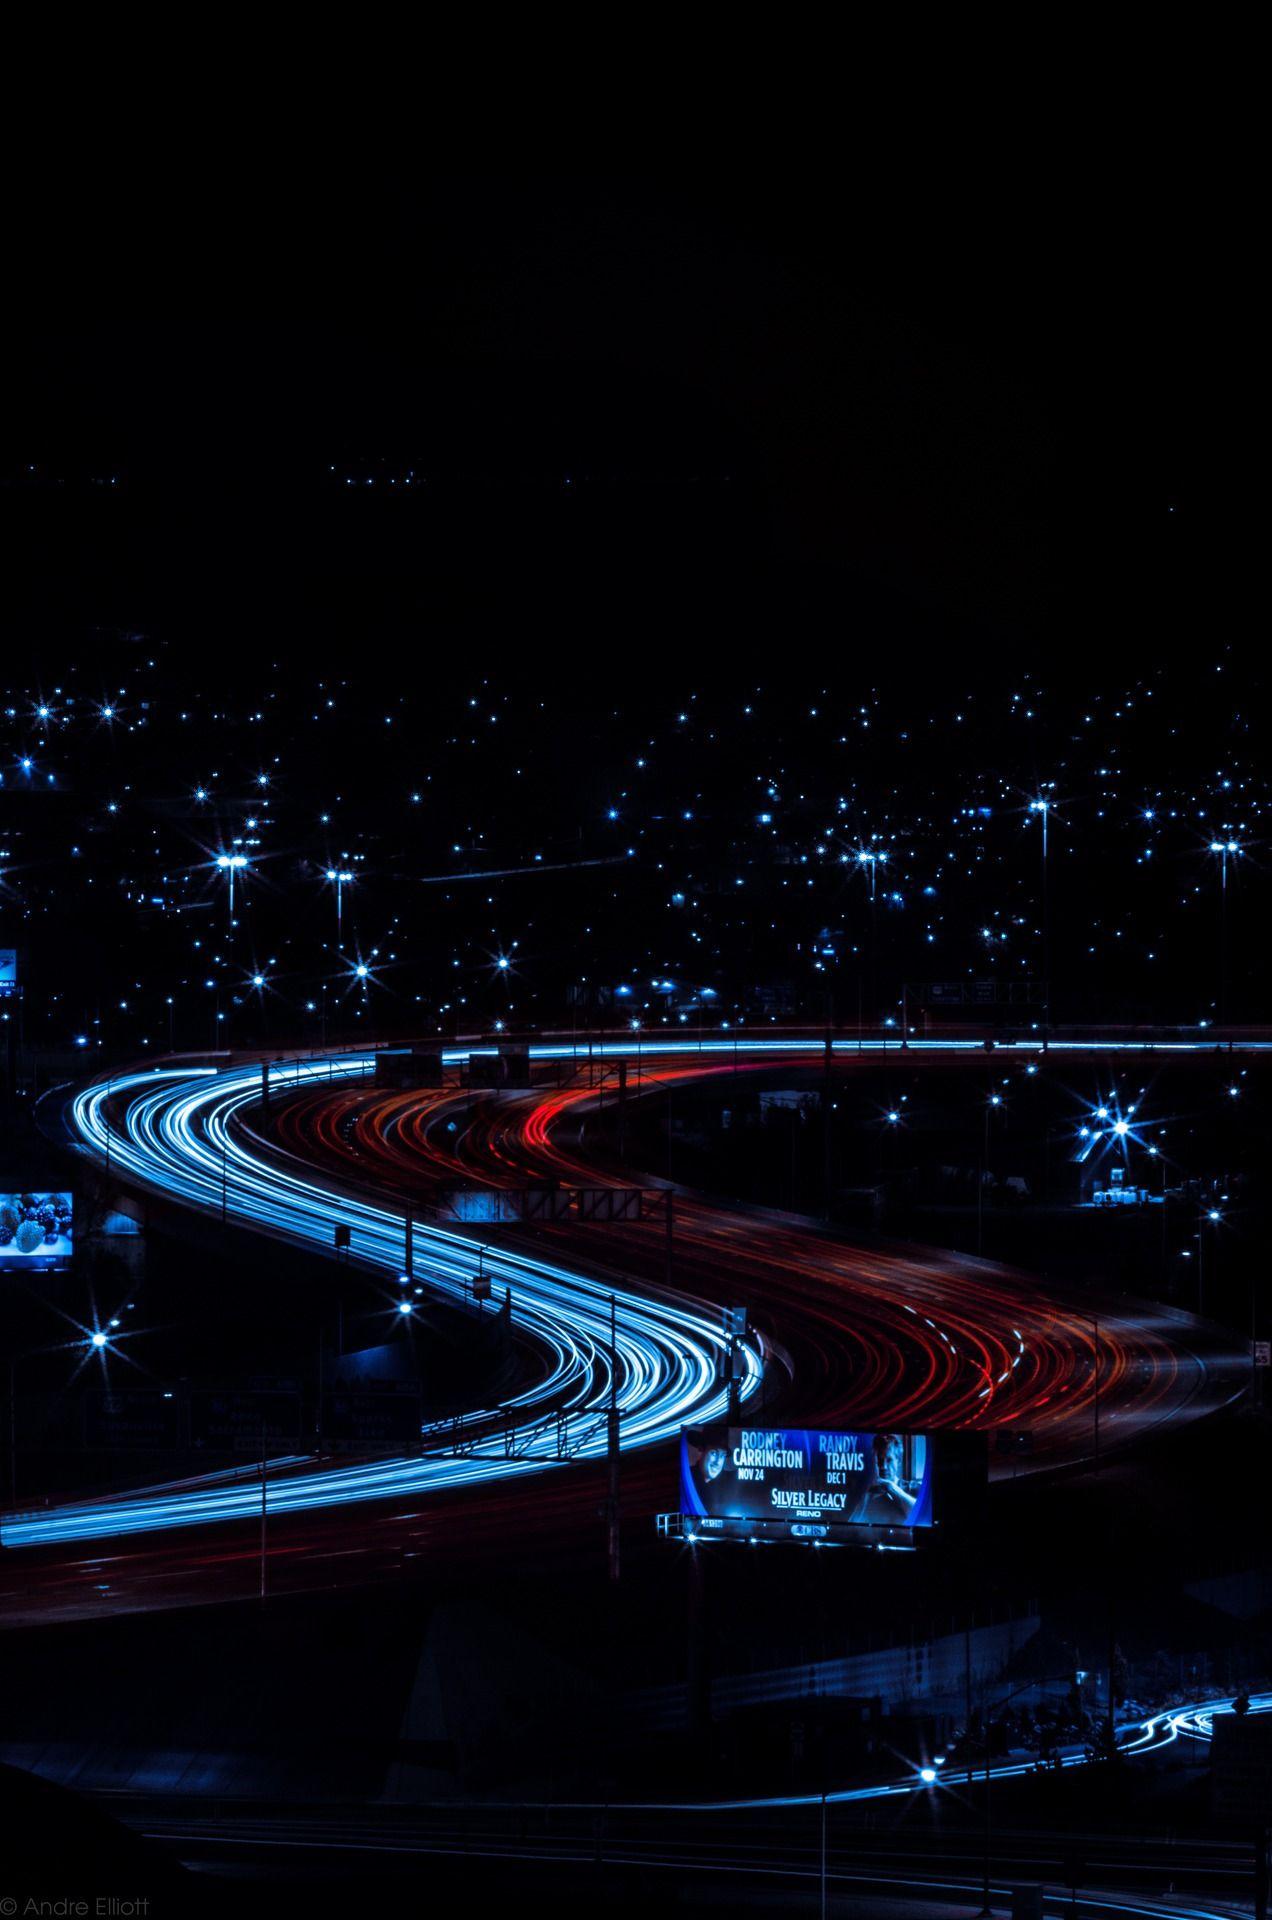 /// Reno's curves at night